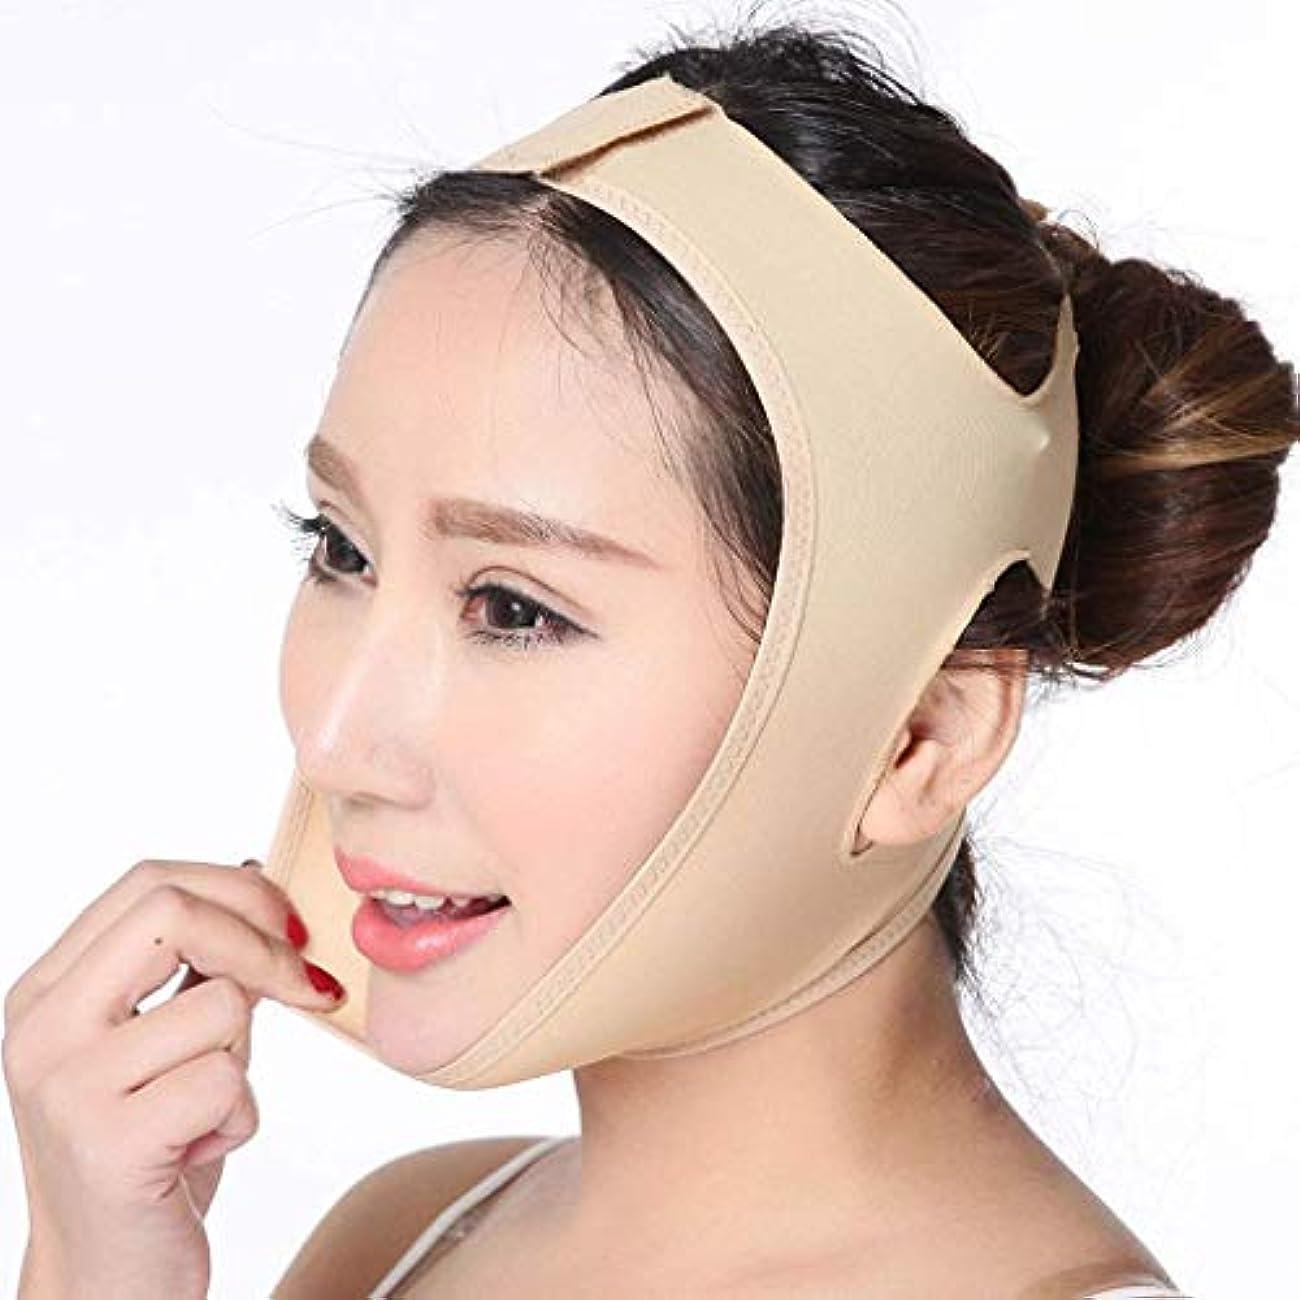 バーマド仕方全能フェイスリフティング包帯、スリムマスク頬紅顔/痩身包帯をスリミング睡眠とV顔は、二重あご通気性、肌を減らす (XXL)